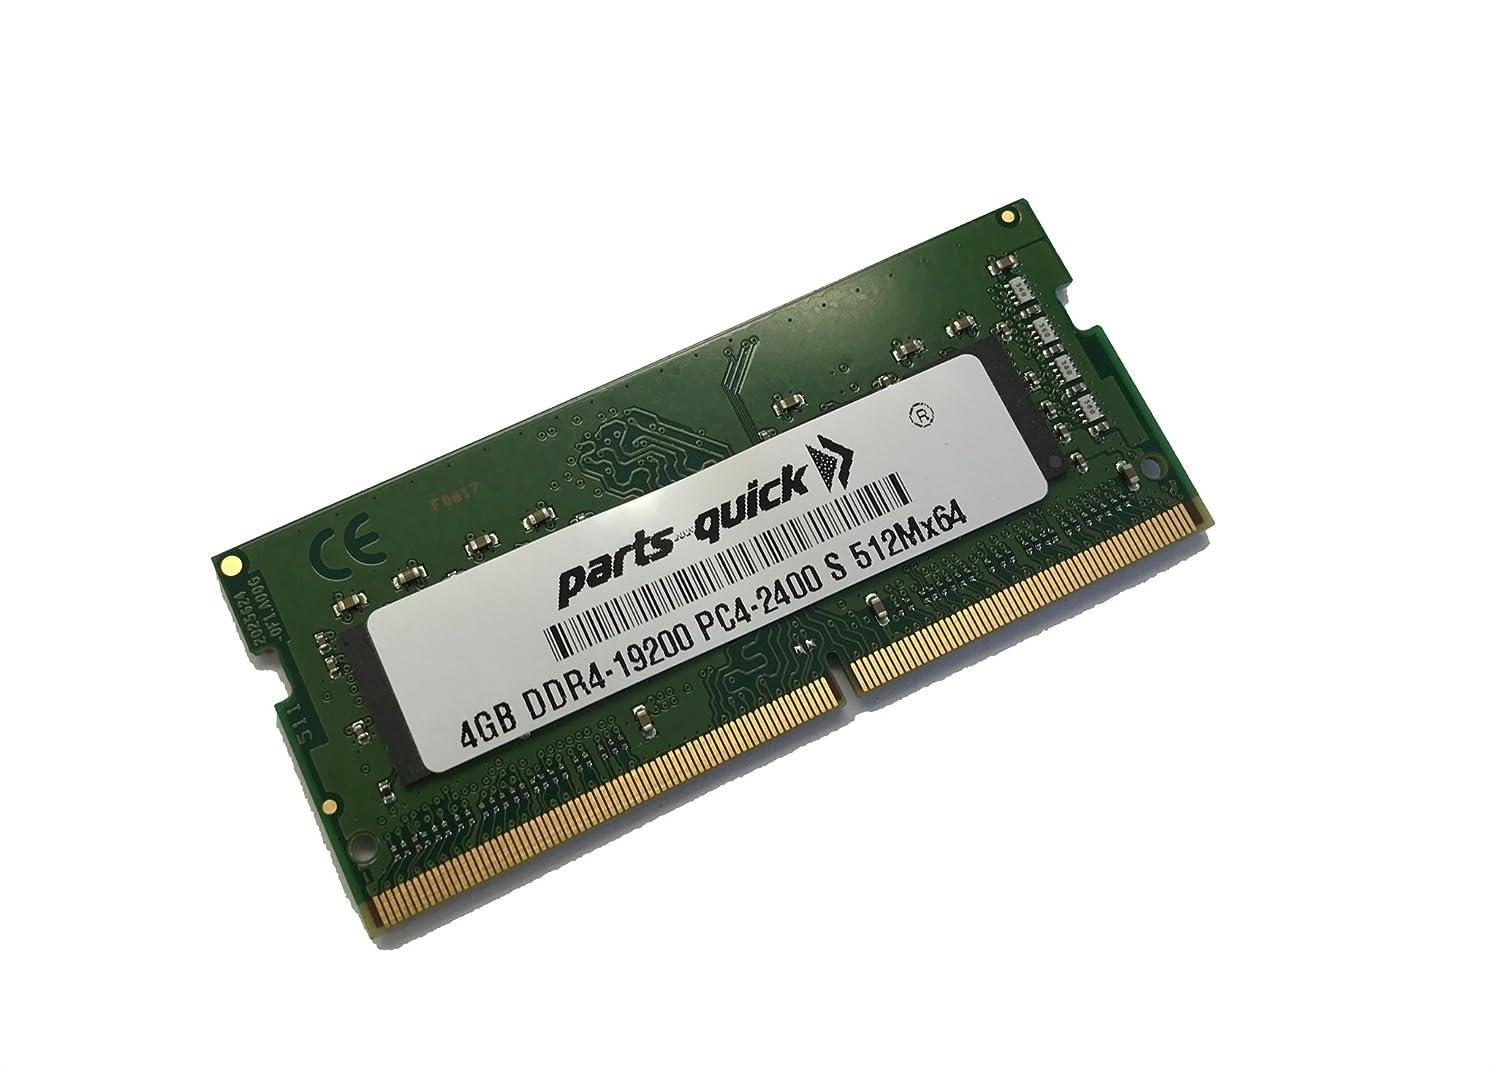 シダトリップ置き場4?GB (1?x 4gb) メモリHP ZBook 17?g4モバイルワークステーションddr4?–?2400?SODIMM RAM (parts-quickブランド)